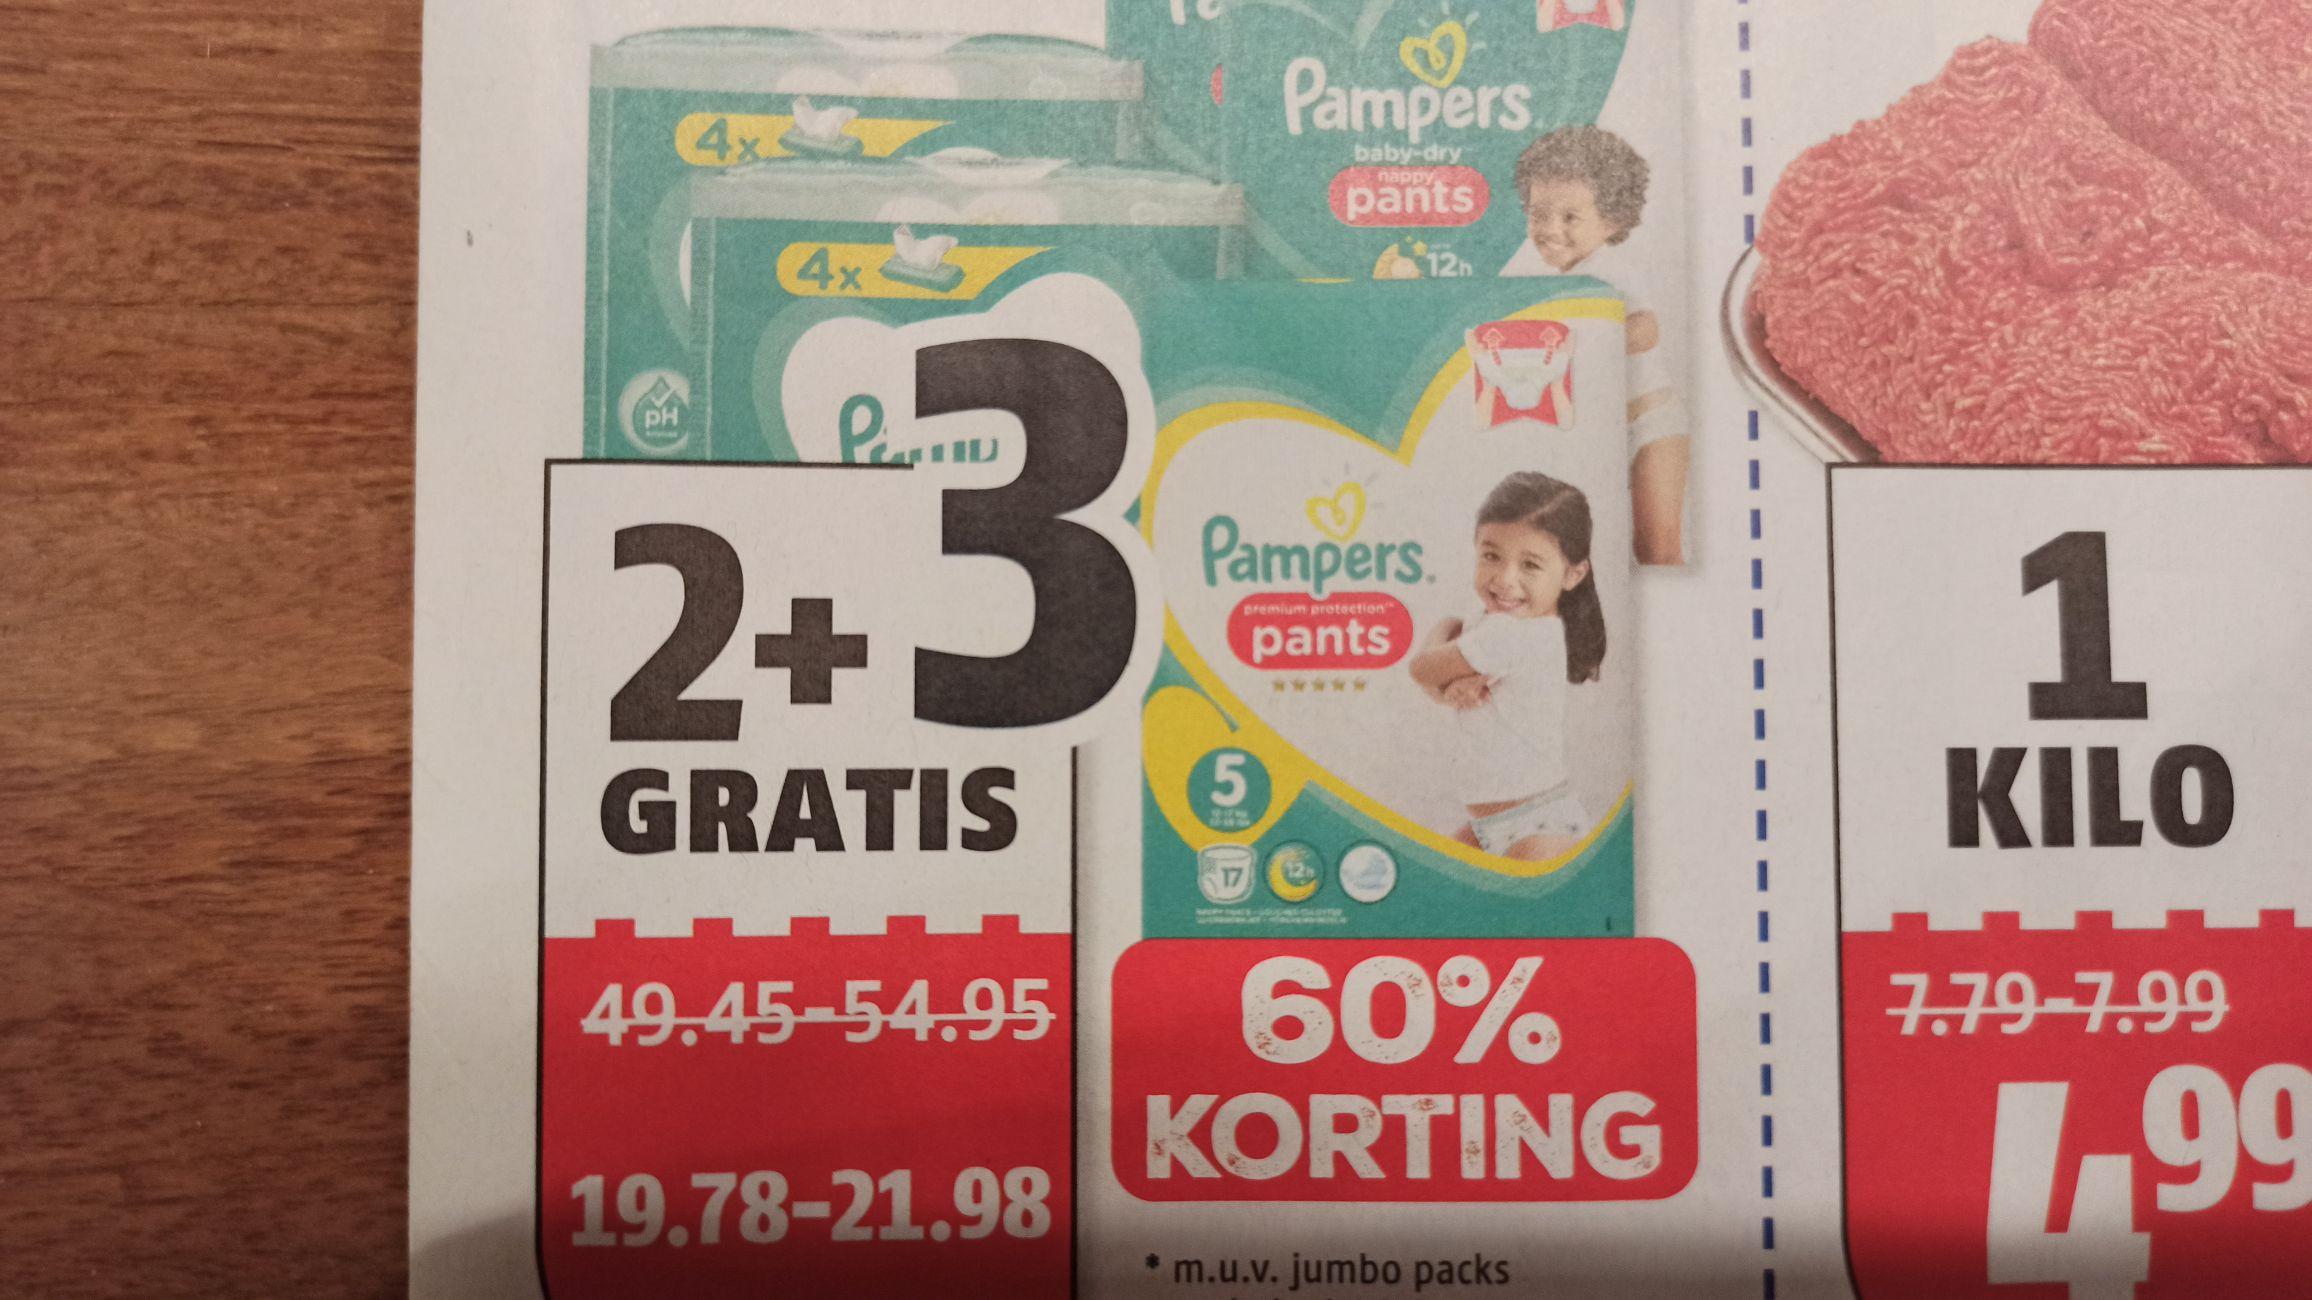 Pampers 2+3 gratis (60% korting) @Poiesz